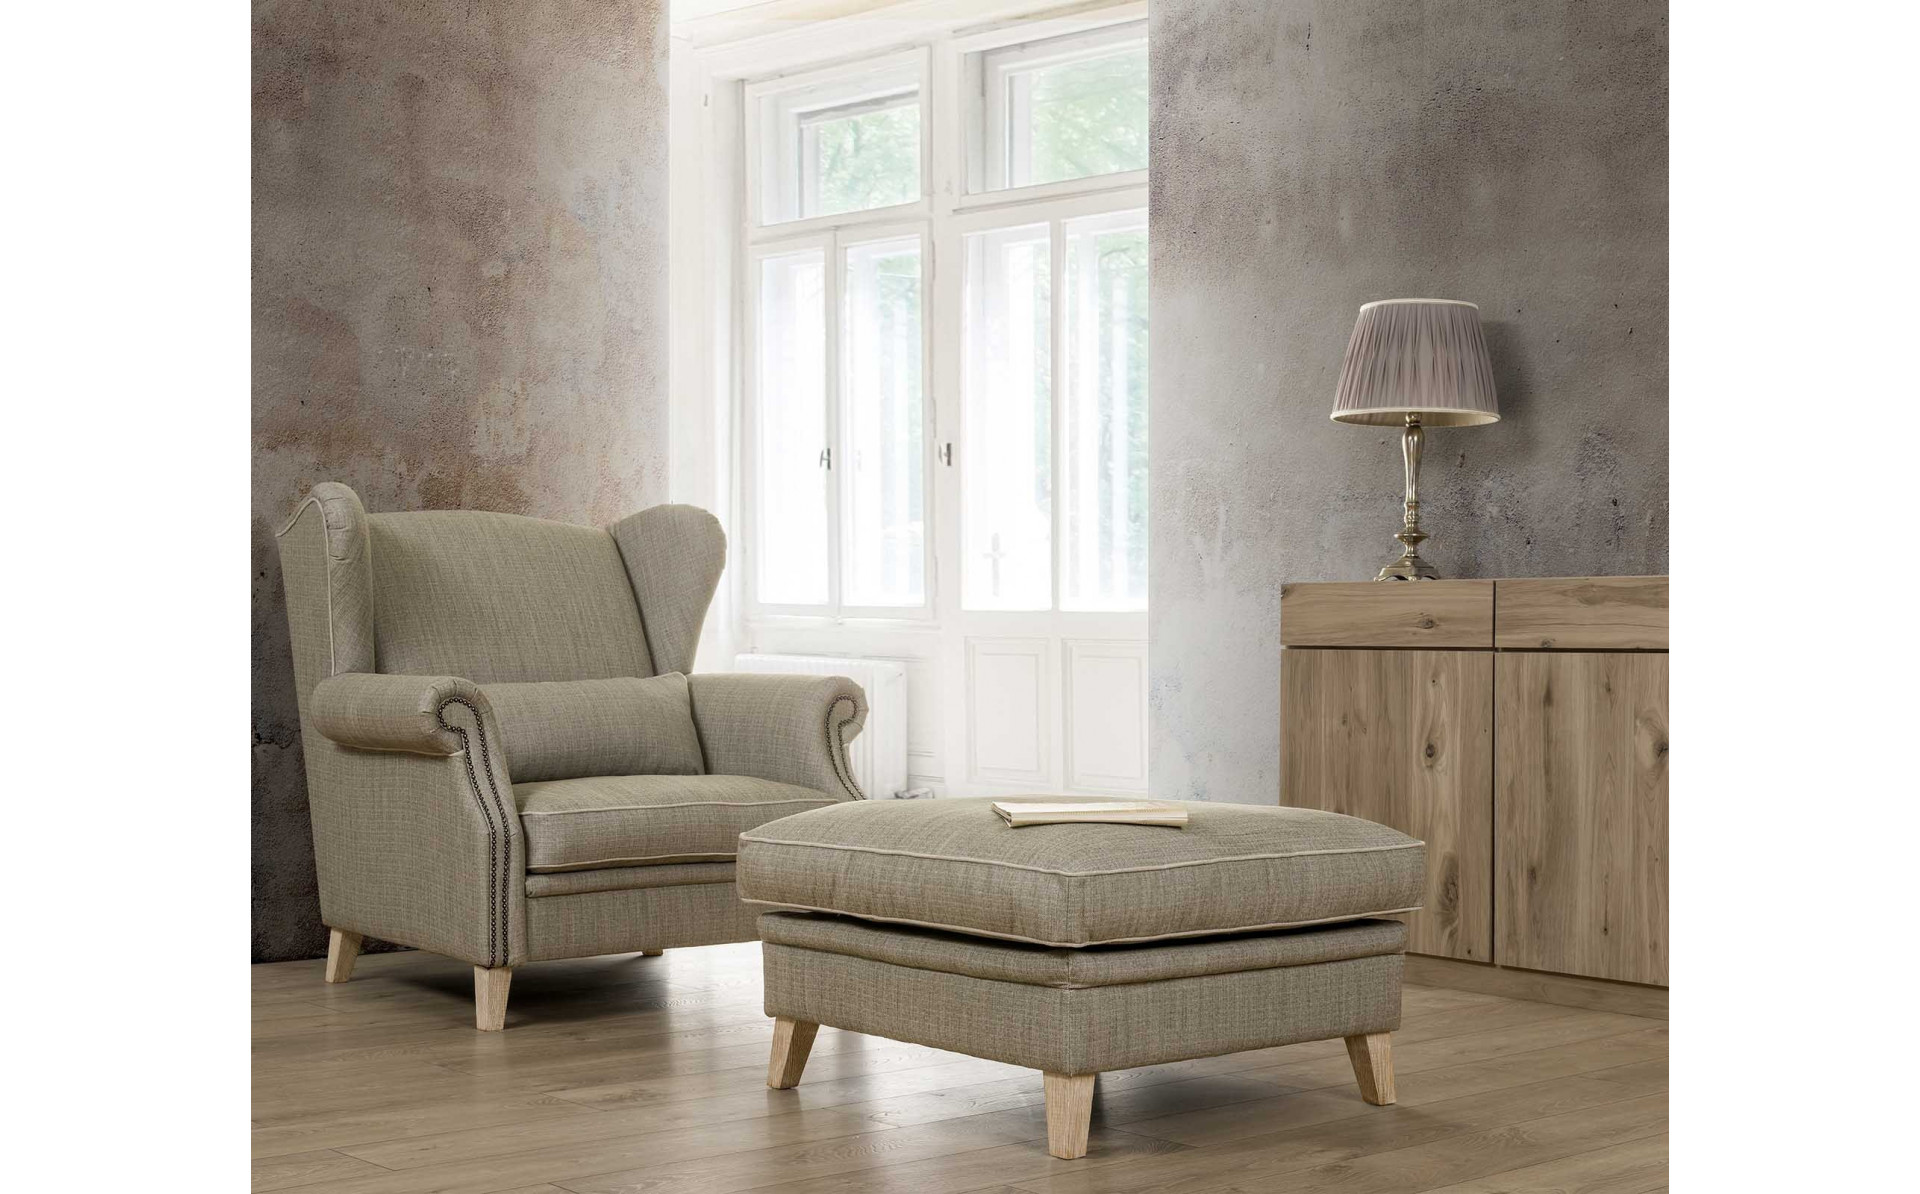 Milord 112cm stylowy fotel tapicerowany z ozdobnymi gwoździami w podłokietnikach